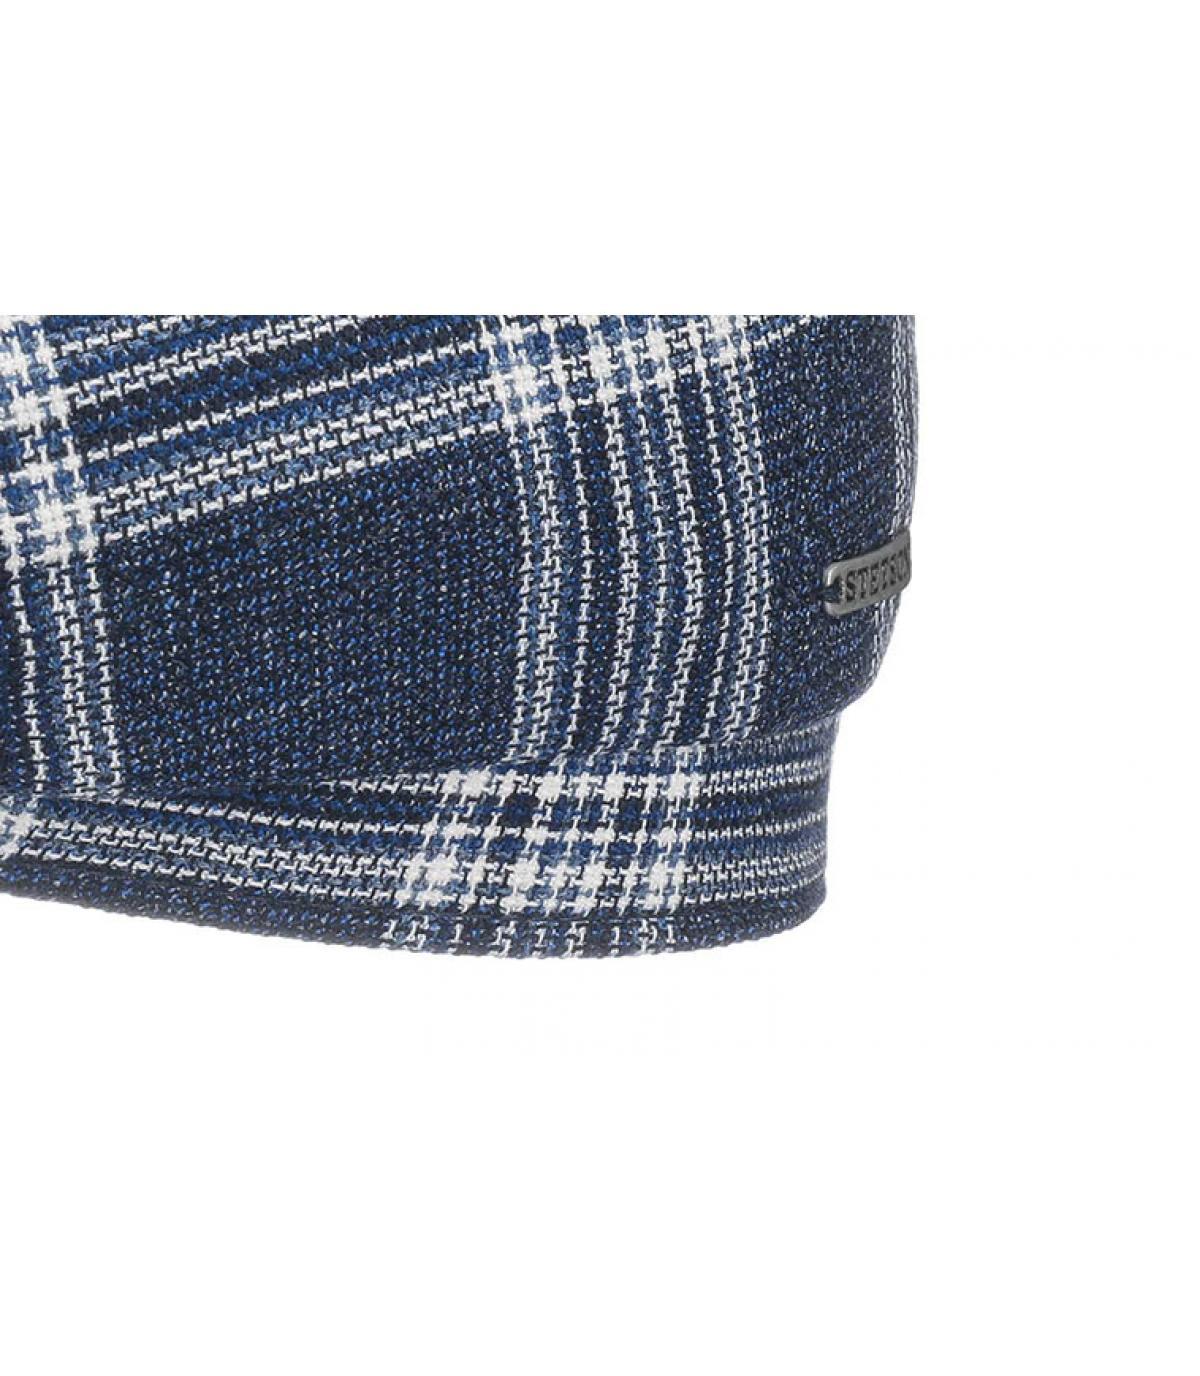 Details Hatteras Virgin Wool blue - Abbildung 3